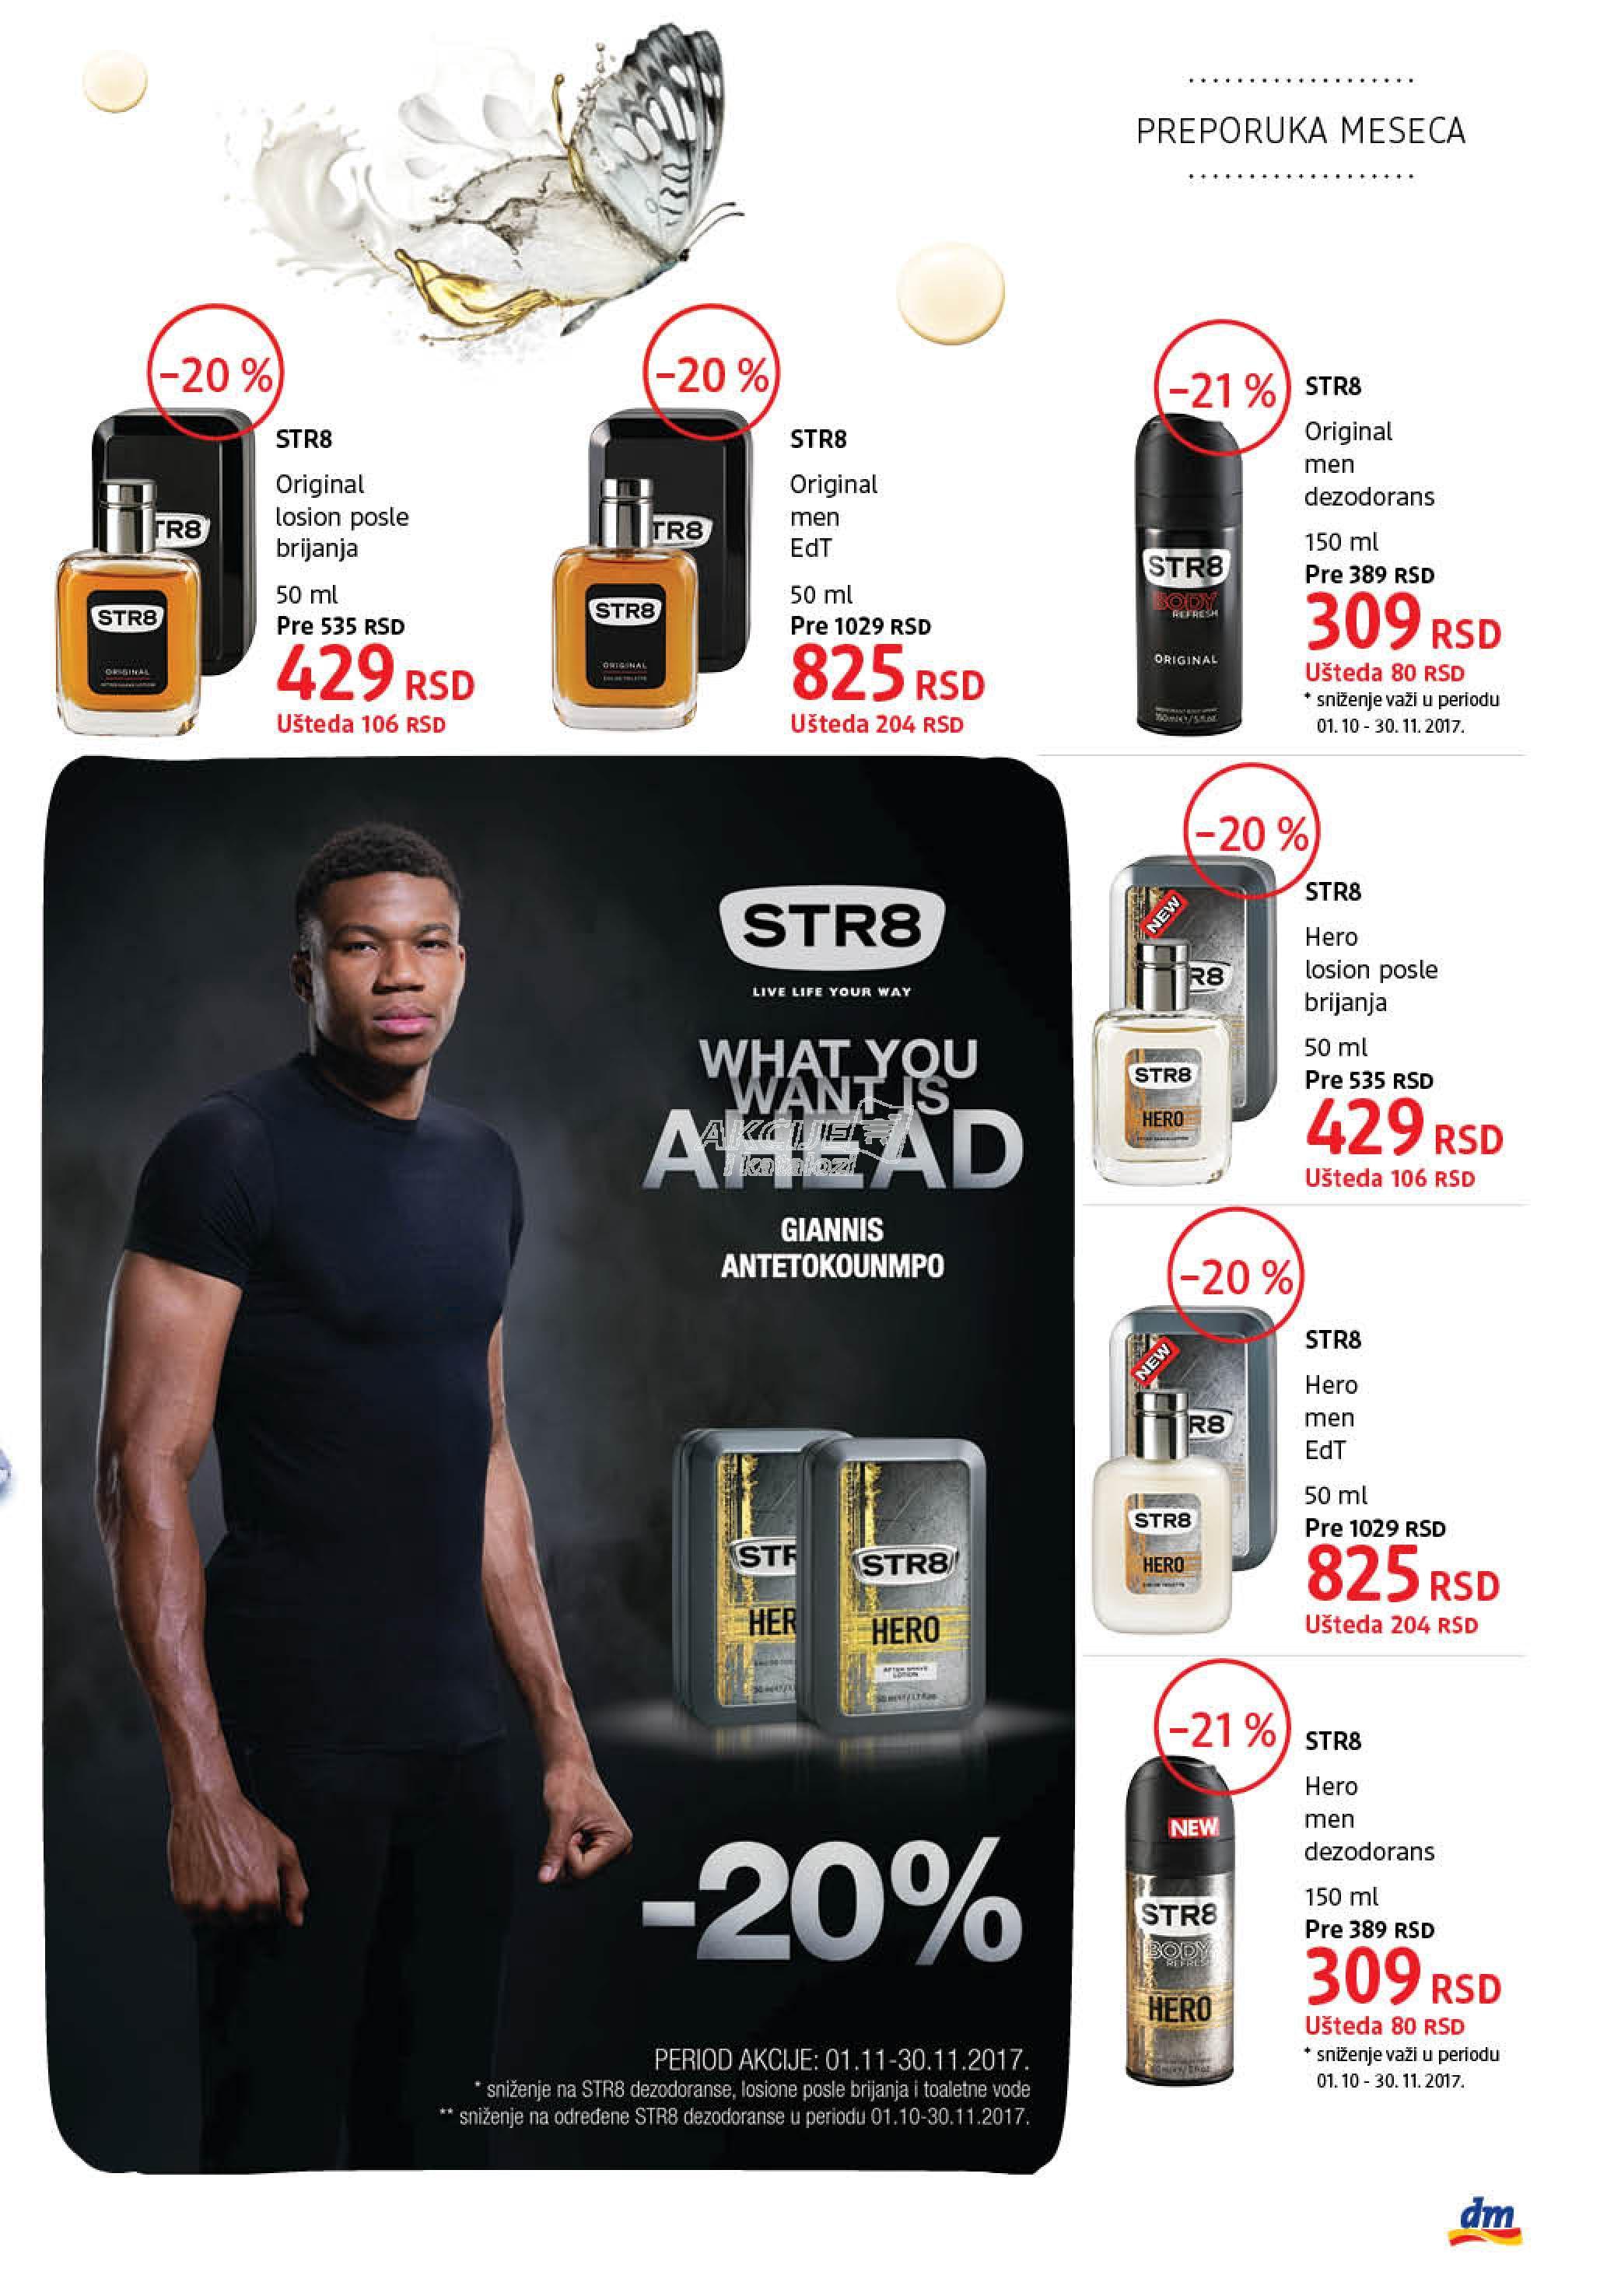 DM akcija odlične kupovine